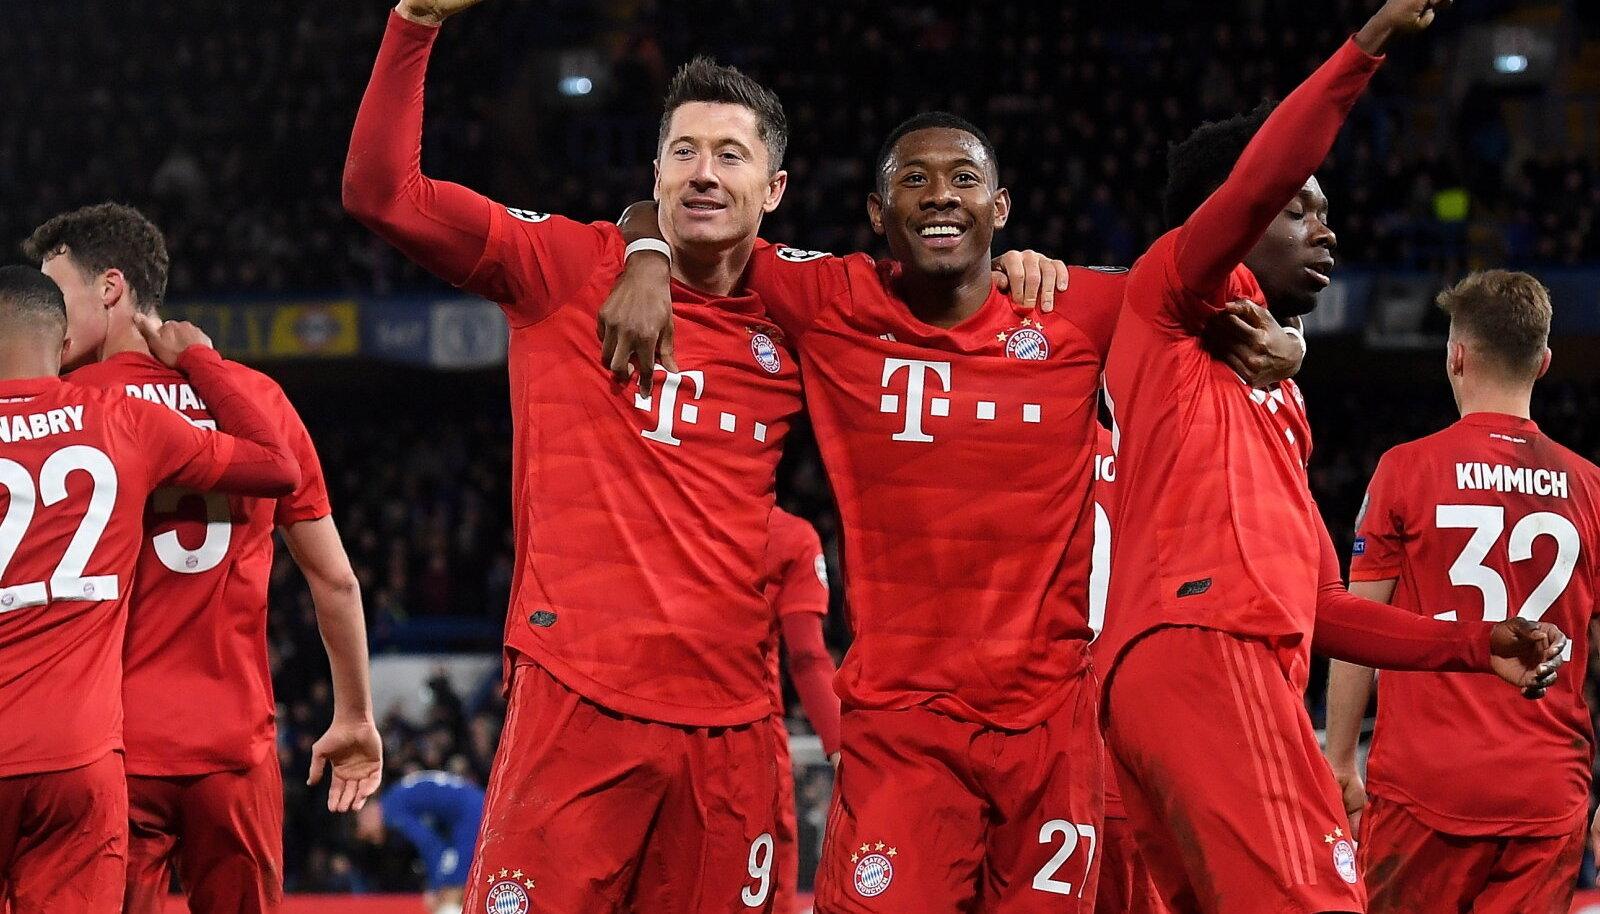 Müncheni Bayerni mängijad astusid suure sammu veerandfinaali suunas.